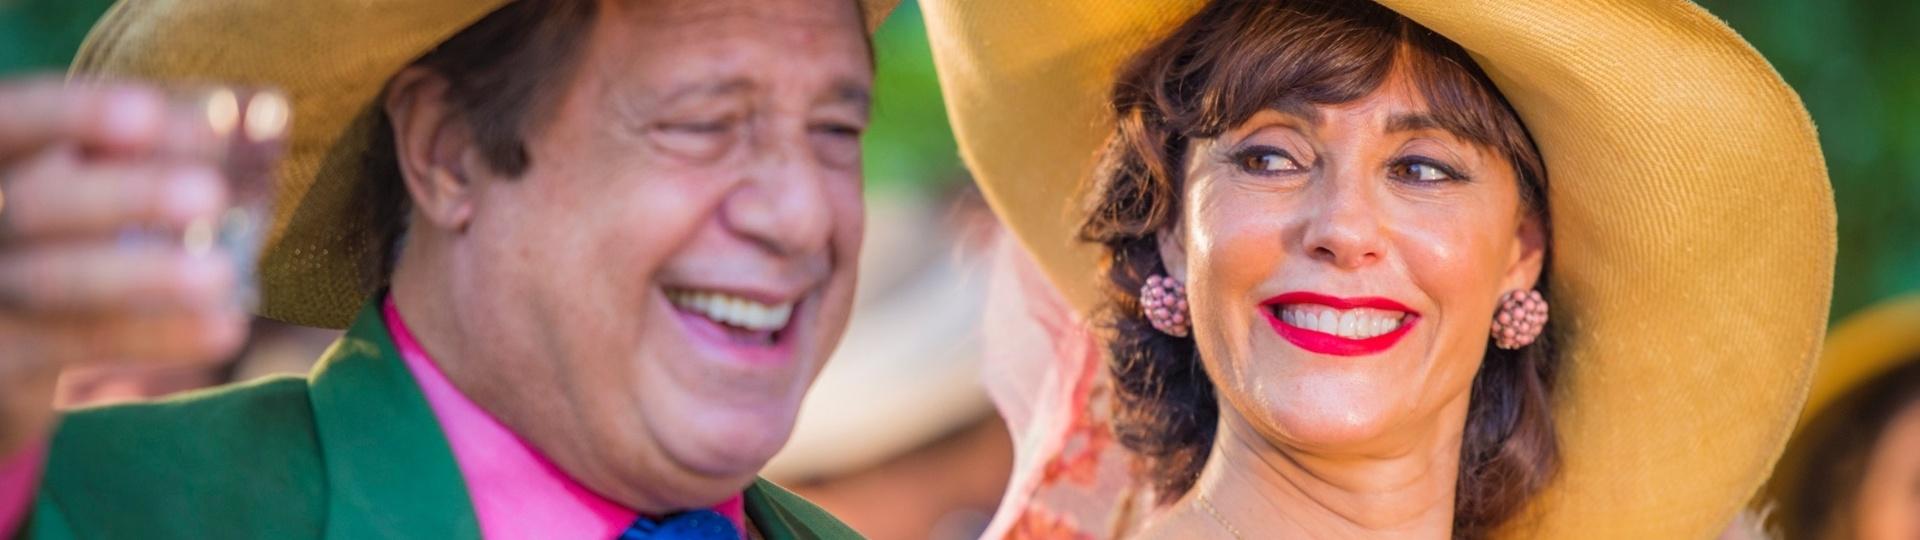 29.abr.2016 - Afrânio (Antonio Fagundes) e Iolanda (Christiane Torloni) se divertem em festa para receber o neto Miguel (Gabriel Leone) em Grotas do São Francisco